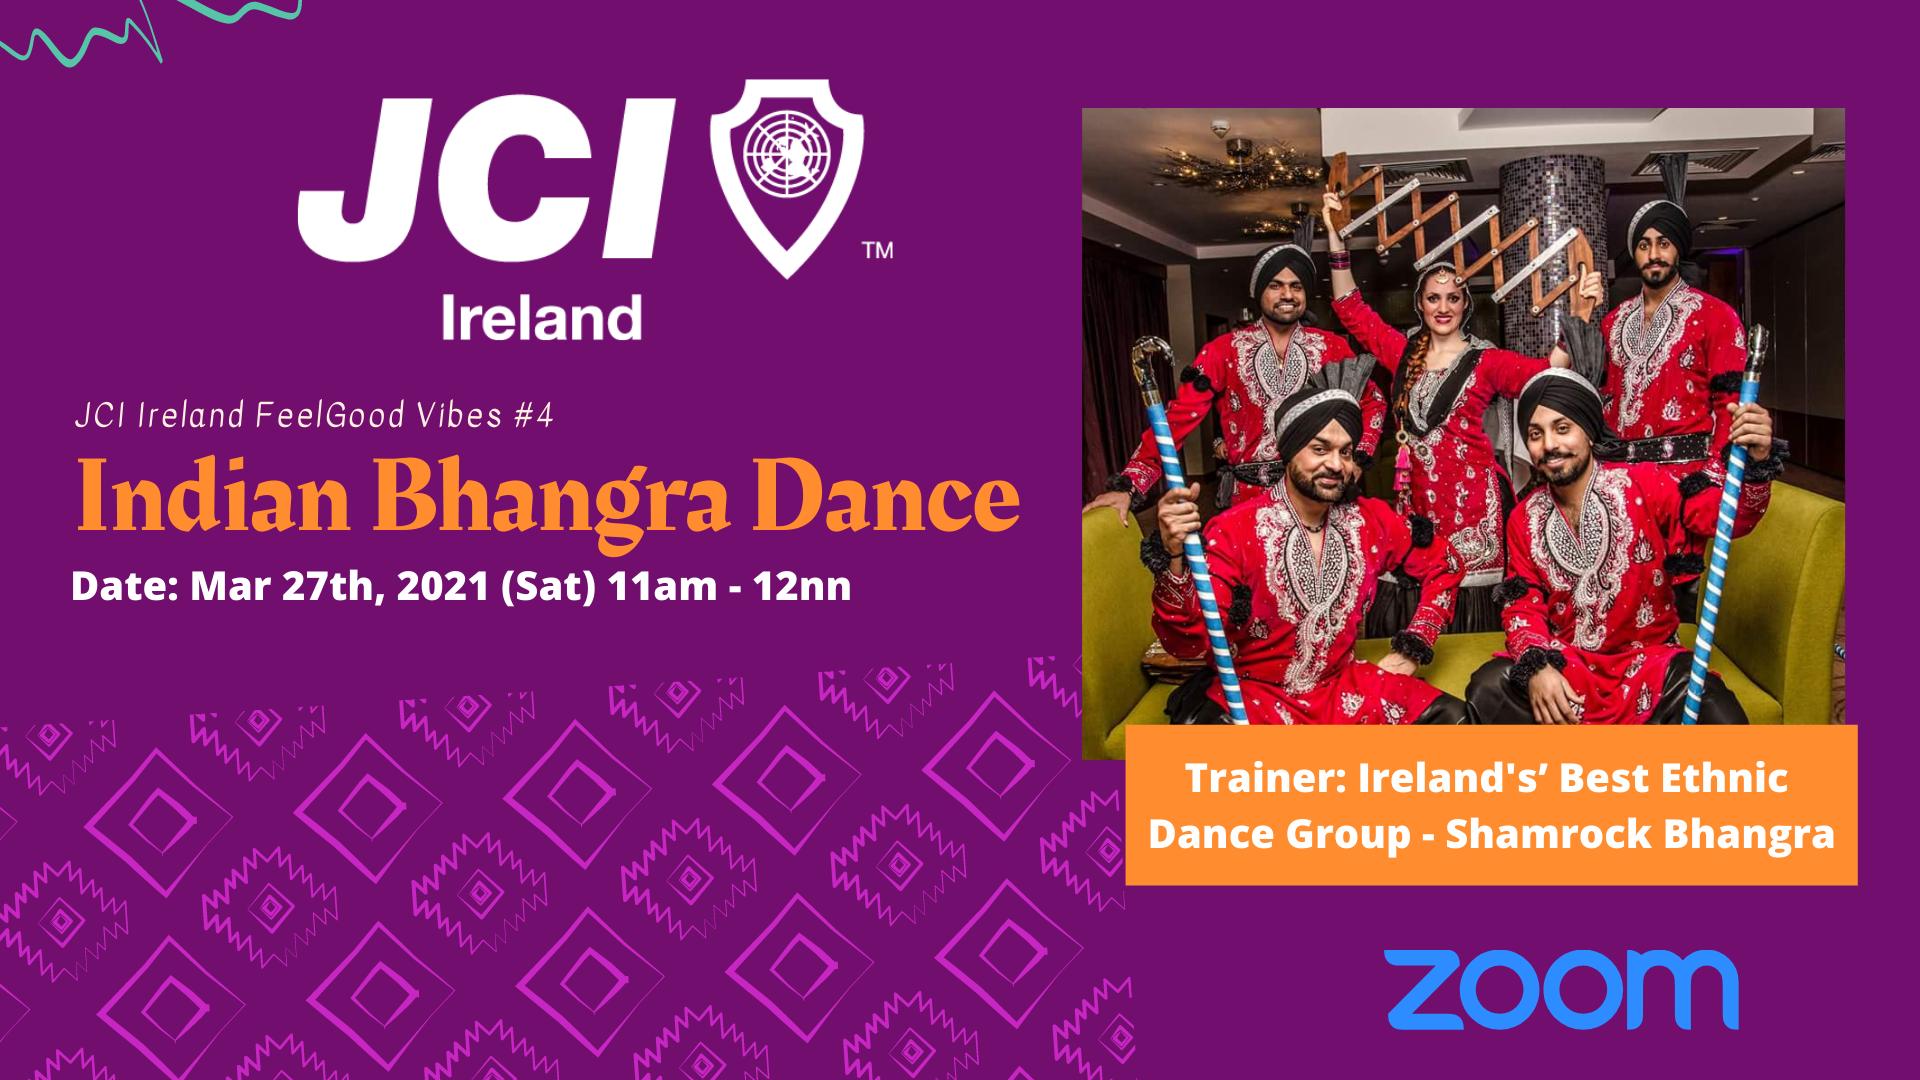 Indian Bhangra Dance Workshop